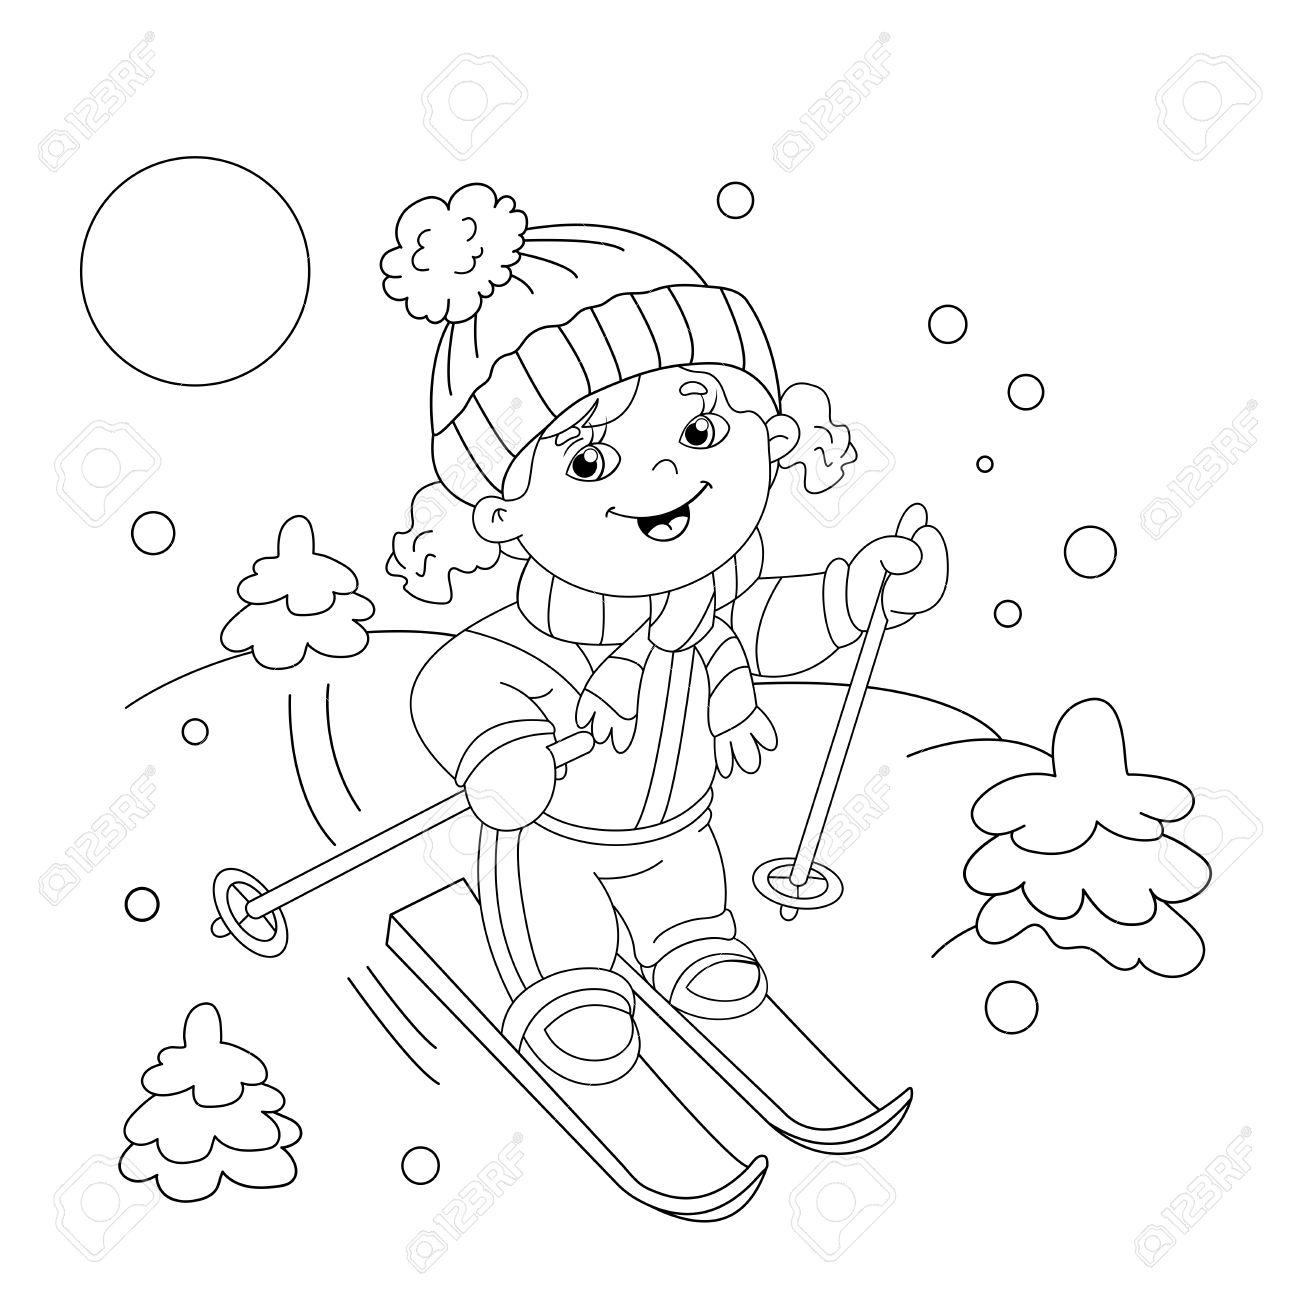 Coloriage Cheval Hiver.Coloriage Outline Of Fille De Bande Dessinee A Cheval Sur Les Skis Sports D Hiver Livre De Coloriage Pour Les Enfants